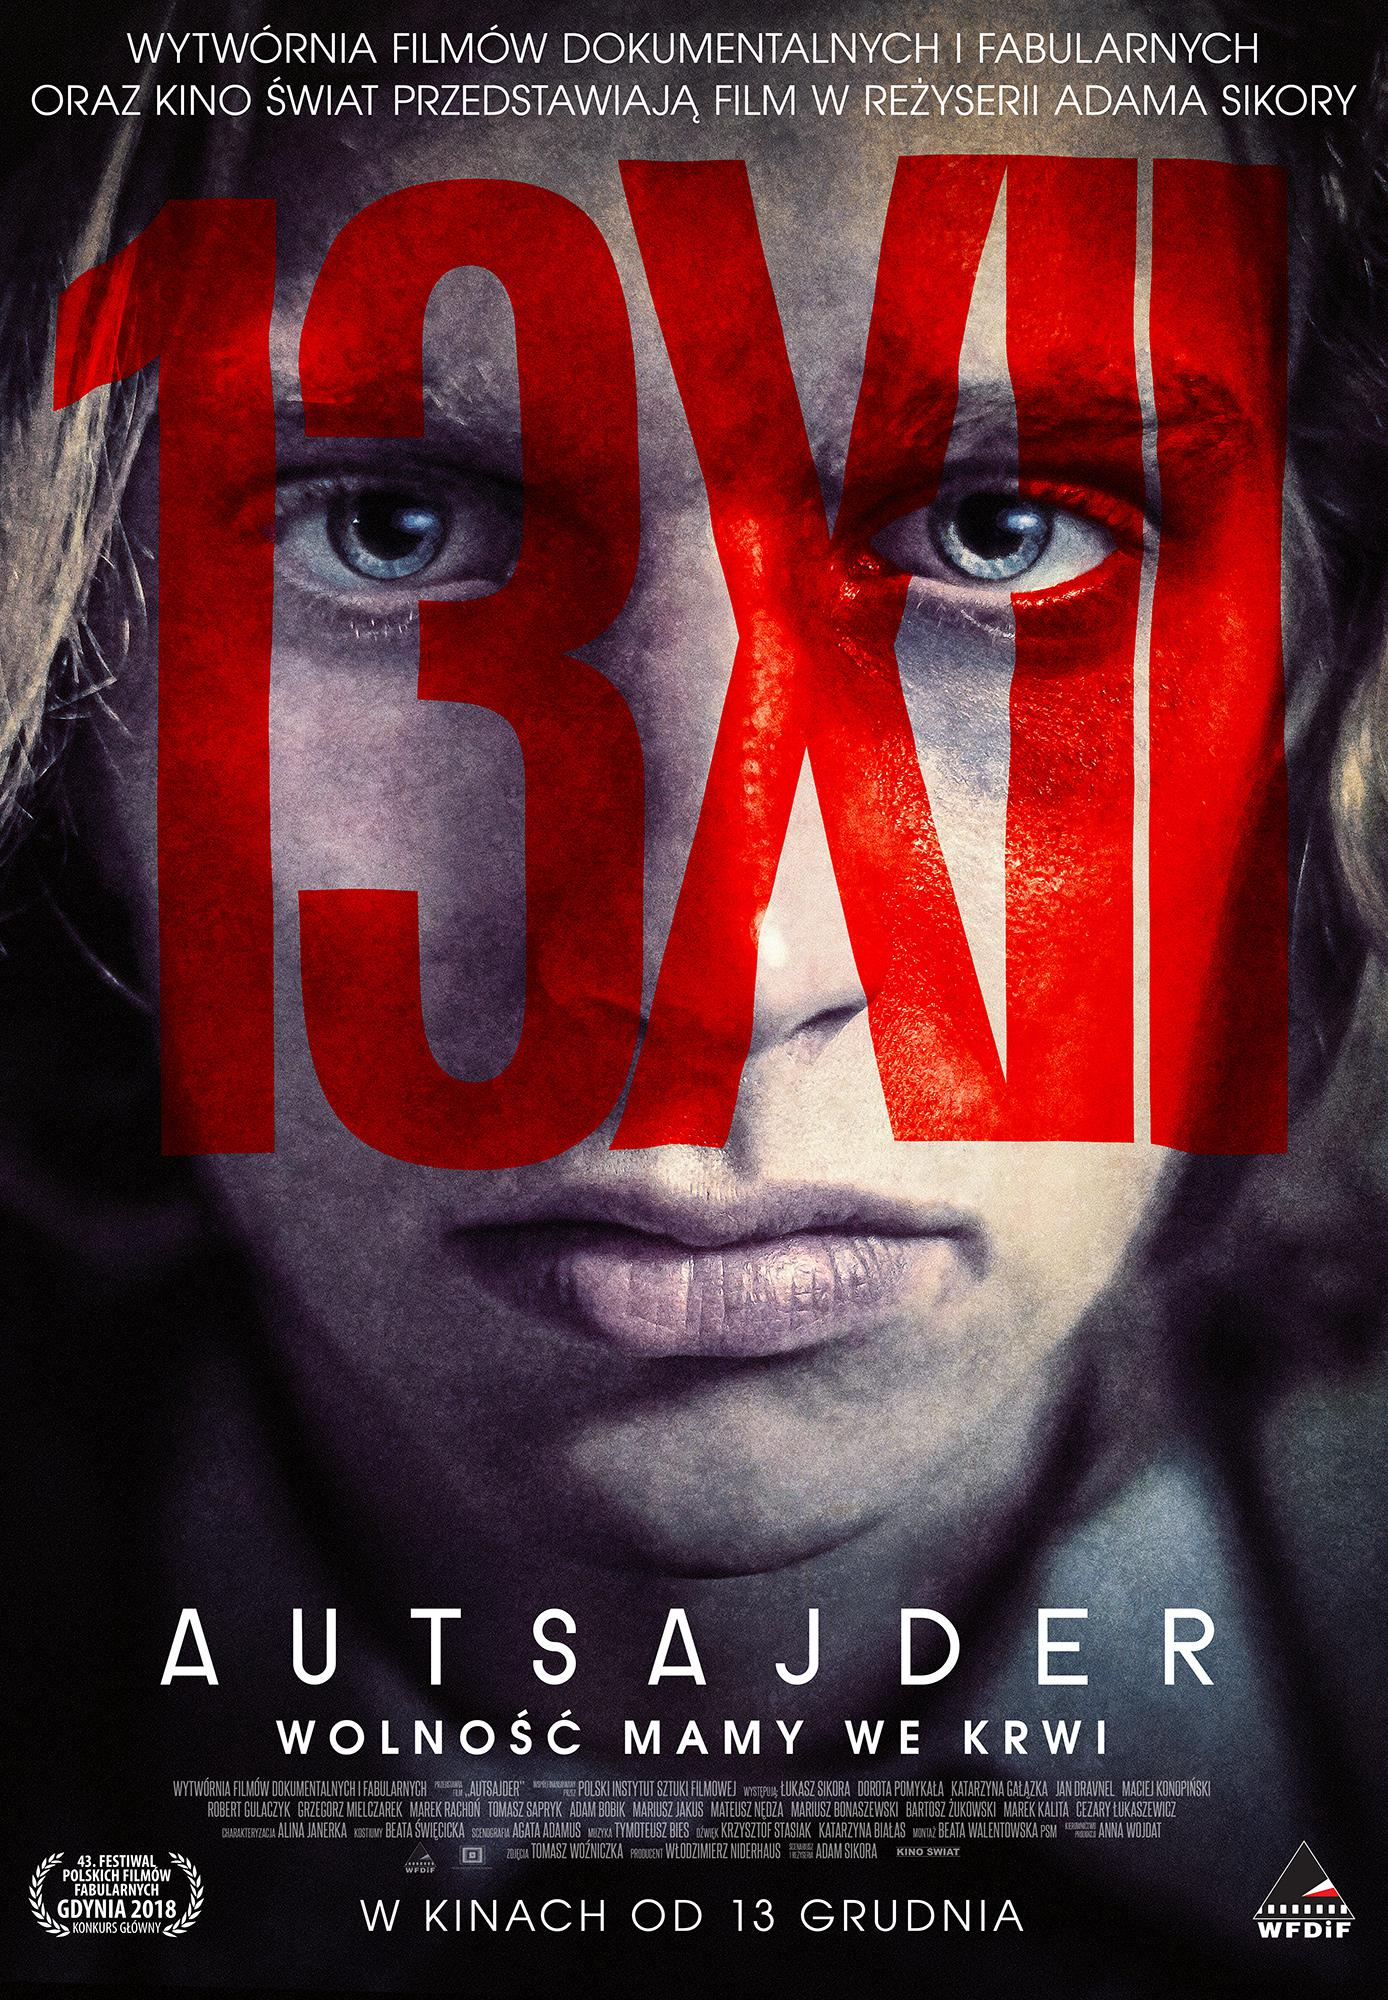 Klub Filmowy Janosika: Autsajder + spotkanie z reżyserem Adamem Sikorą